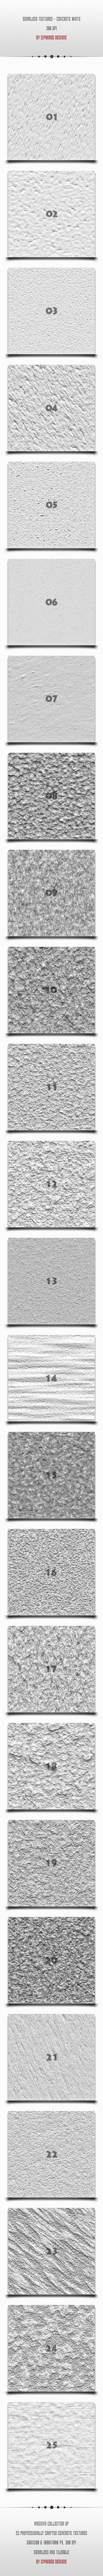 Seamless Textures Concrete White